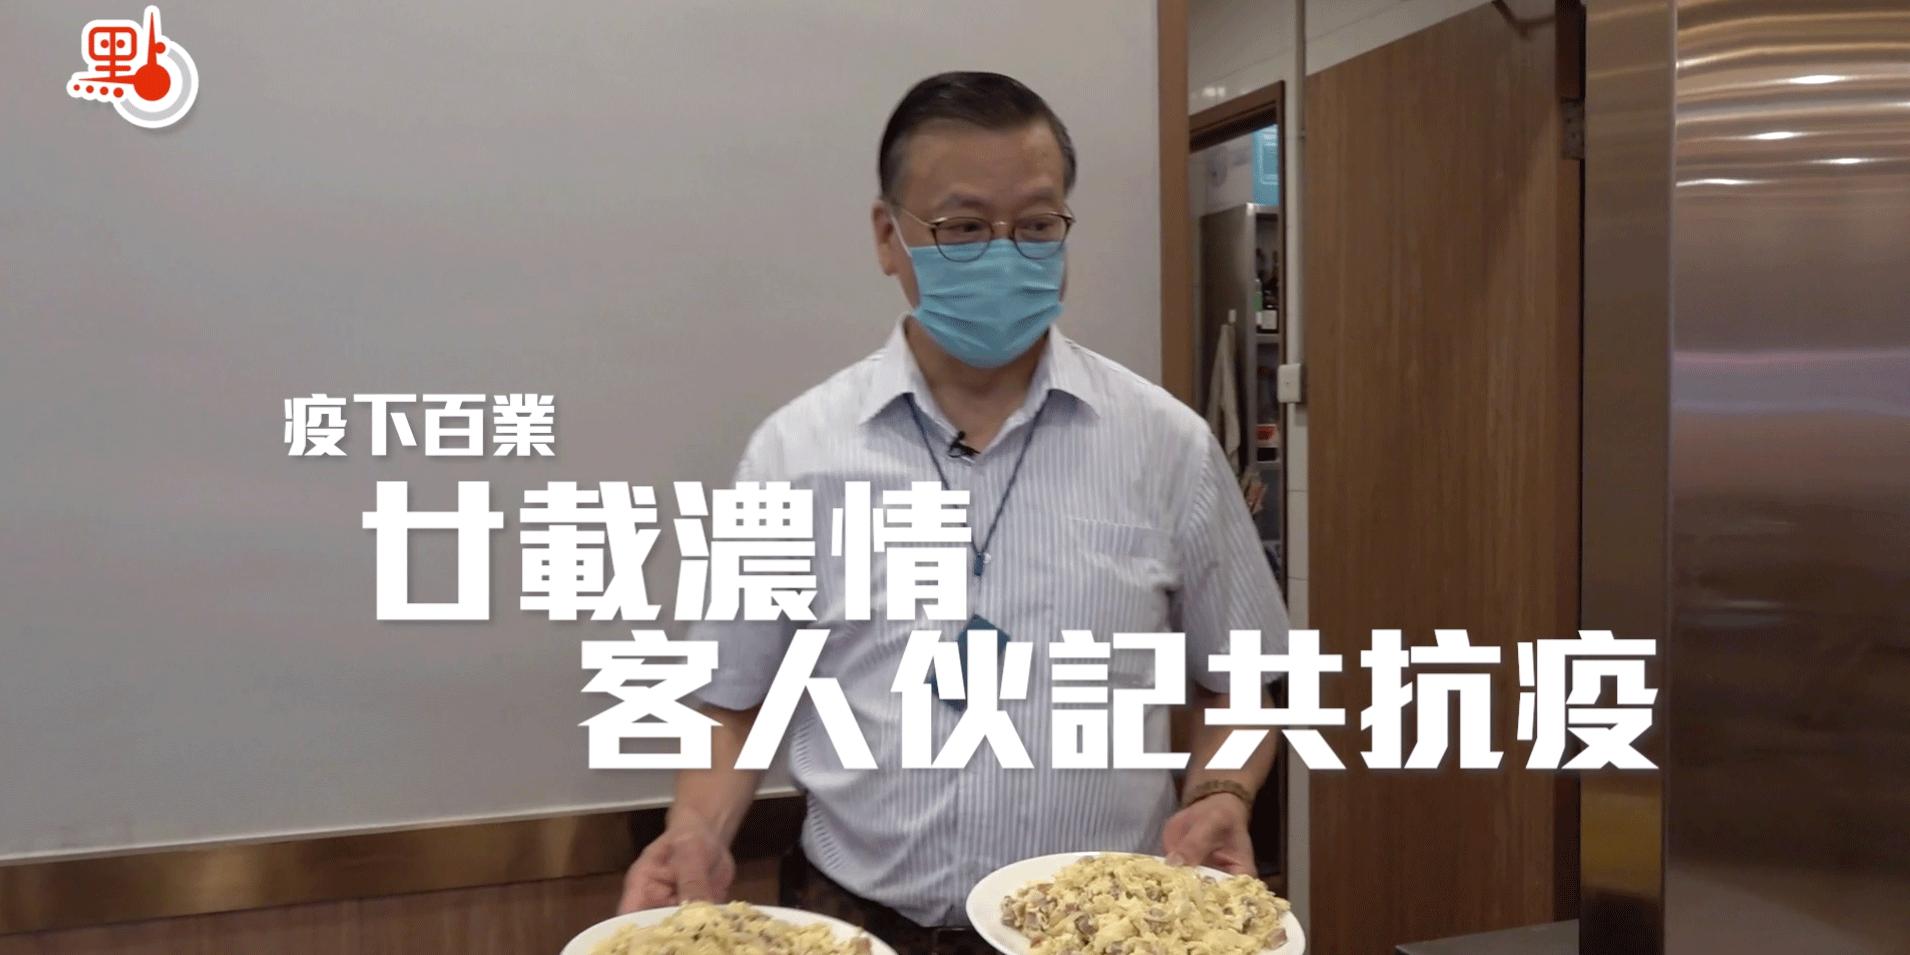 疫下百業|廿載濃情戰疫情 客人伙記力撐菜館渡難關